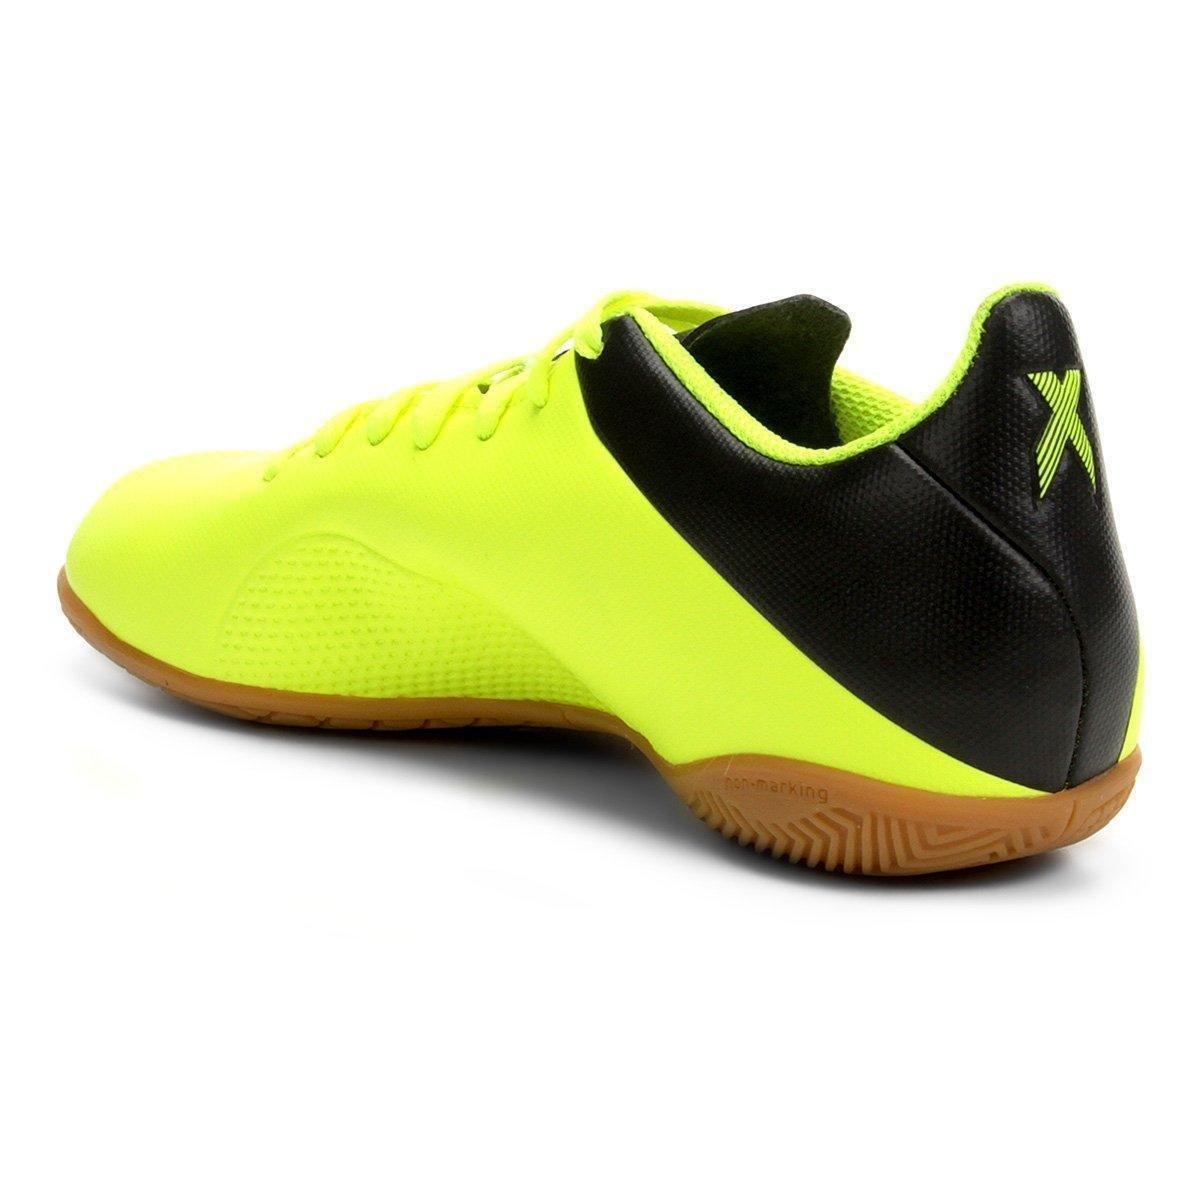 18425c2180 Chuteira Futsal Adidas X Tango 18 4 IN - Tam  44 - Shopping TudoAzul